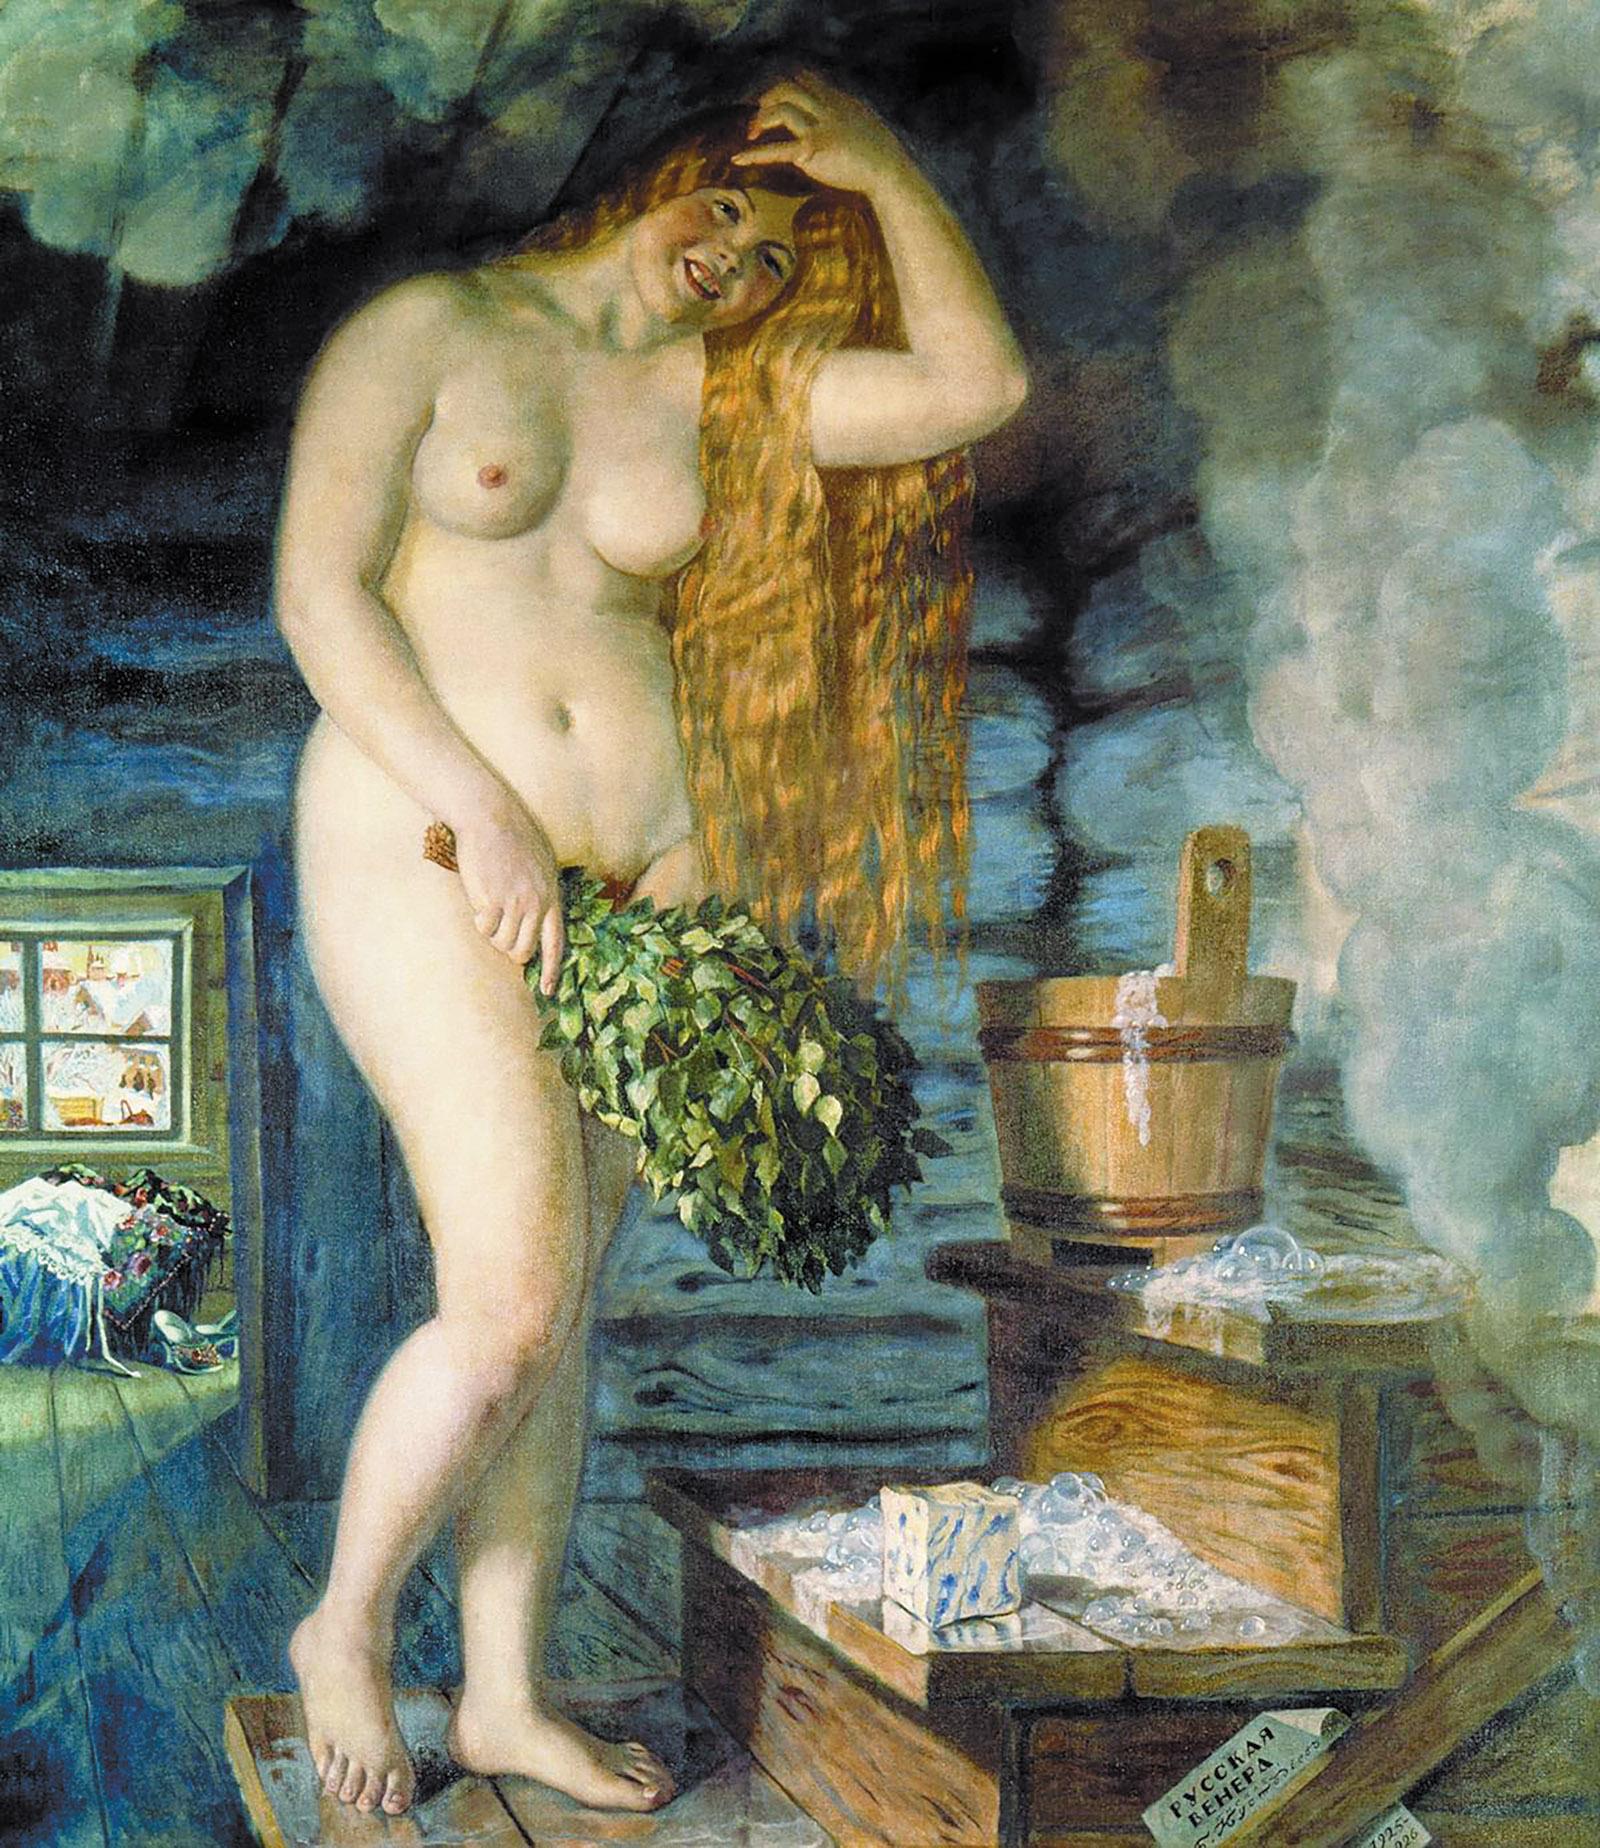 Russian Venus; painting by Boris Kustodiev